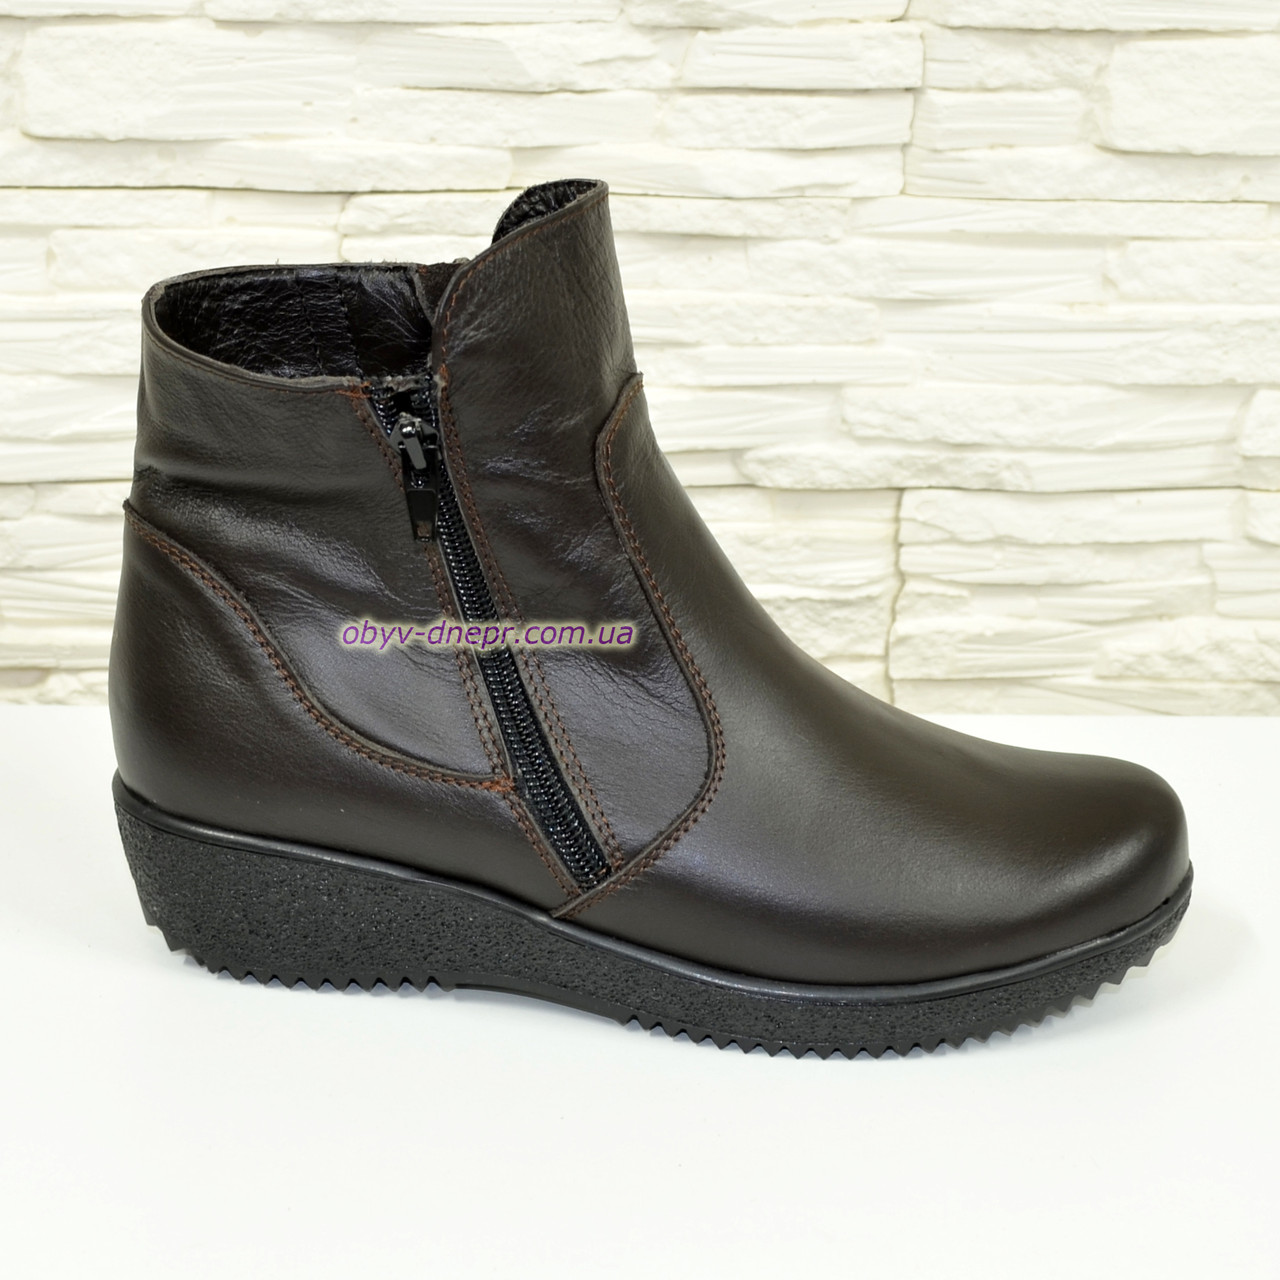 Ботинки демисезонные кожаные женские на невысокой танкетке, коричневый цвет.